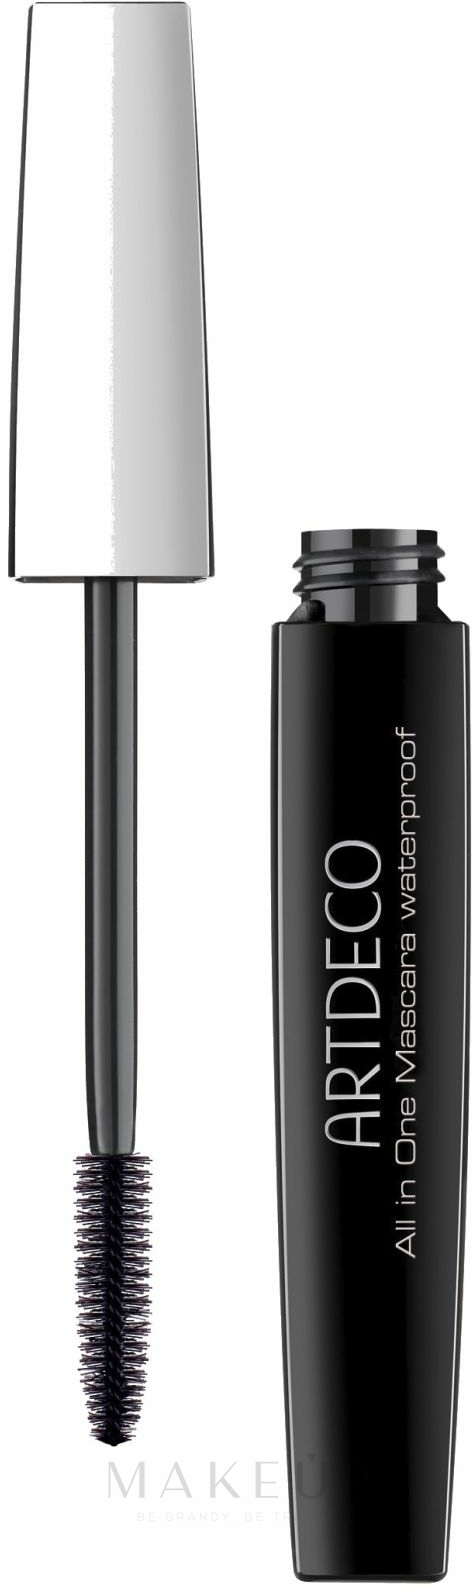 Wasserfeste Mascara - Artdeco All in One Mascara Waterproof — Bild Black